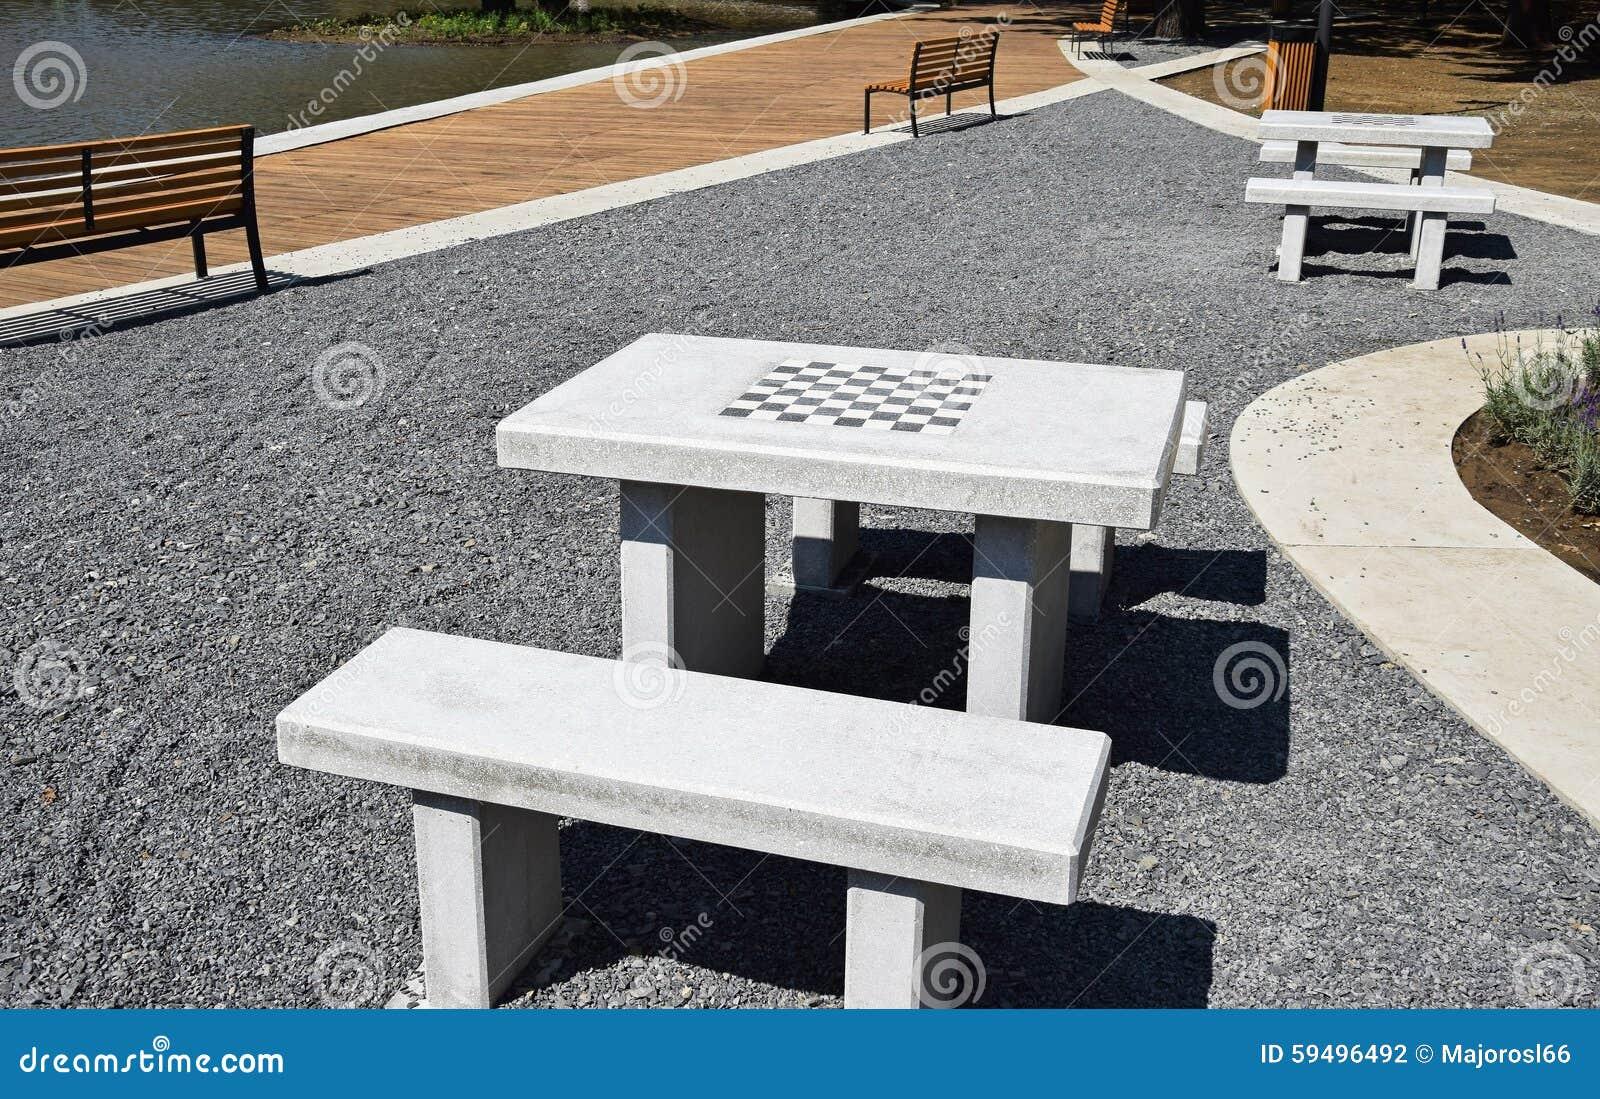 Sehr Schachtische Und Bänke Draußen Stockfoto - Bild: 59496492 IA33